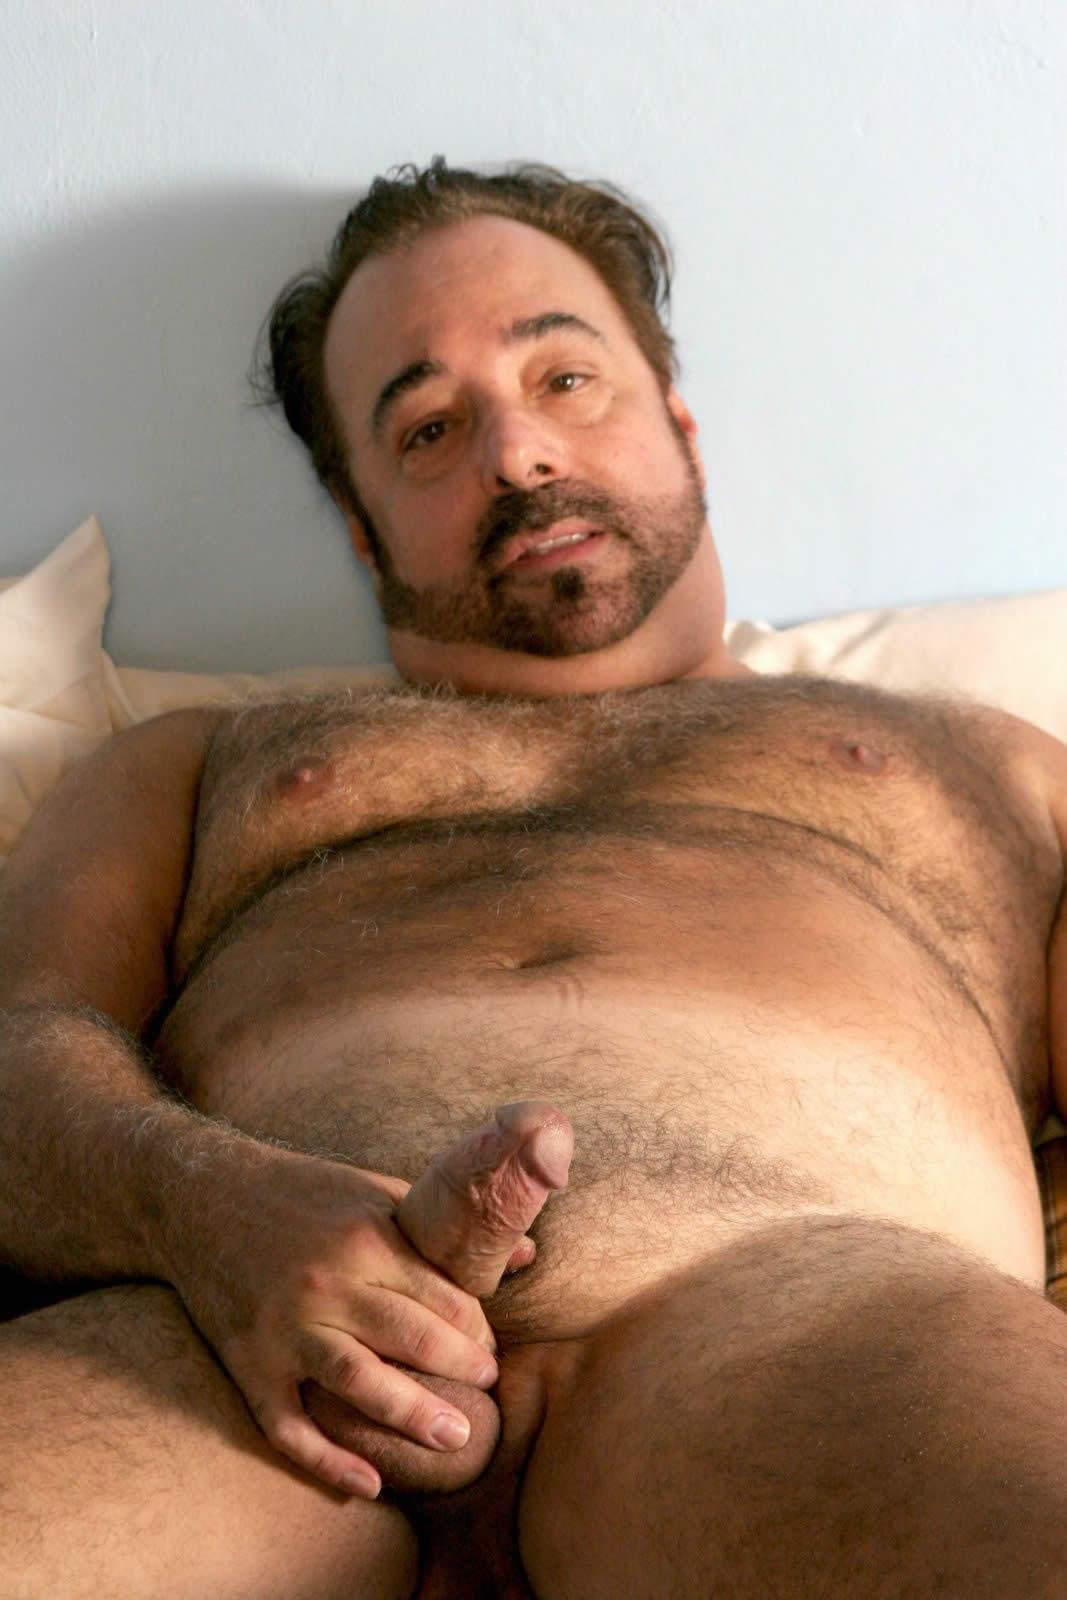 Порно толстий волосатий мужик трахает смотреть онлайн в hd 720 качестве  фотоография